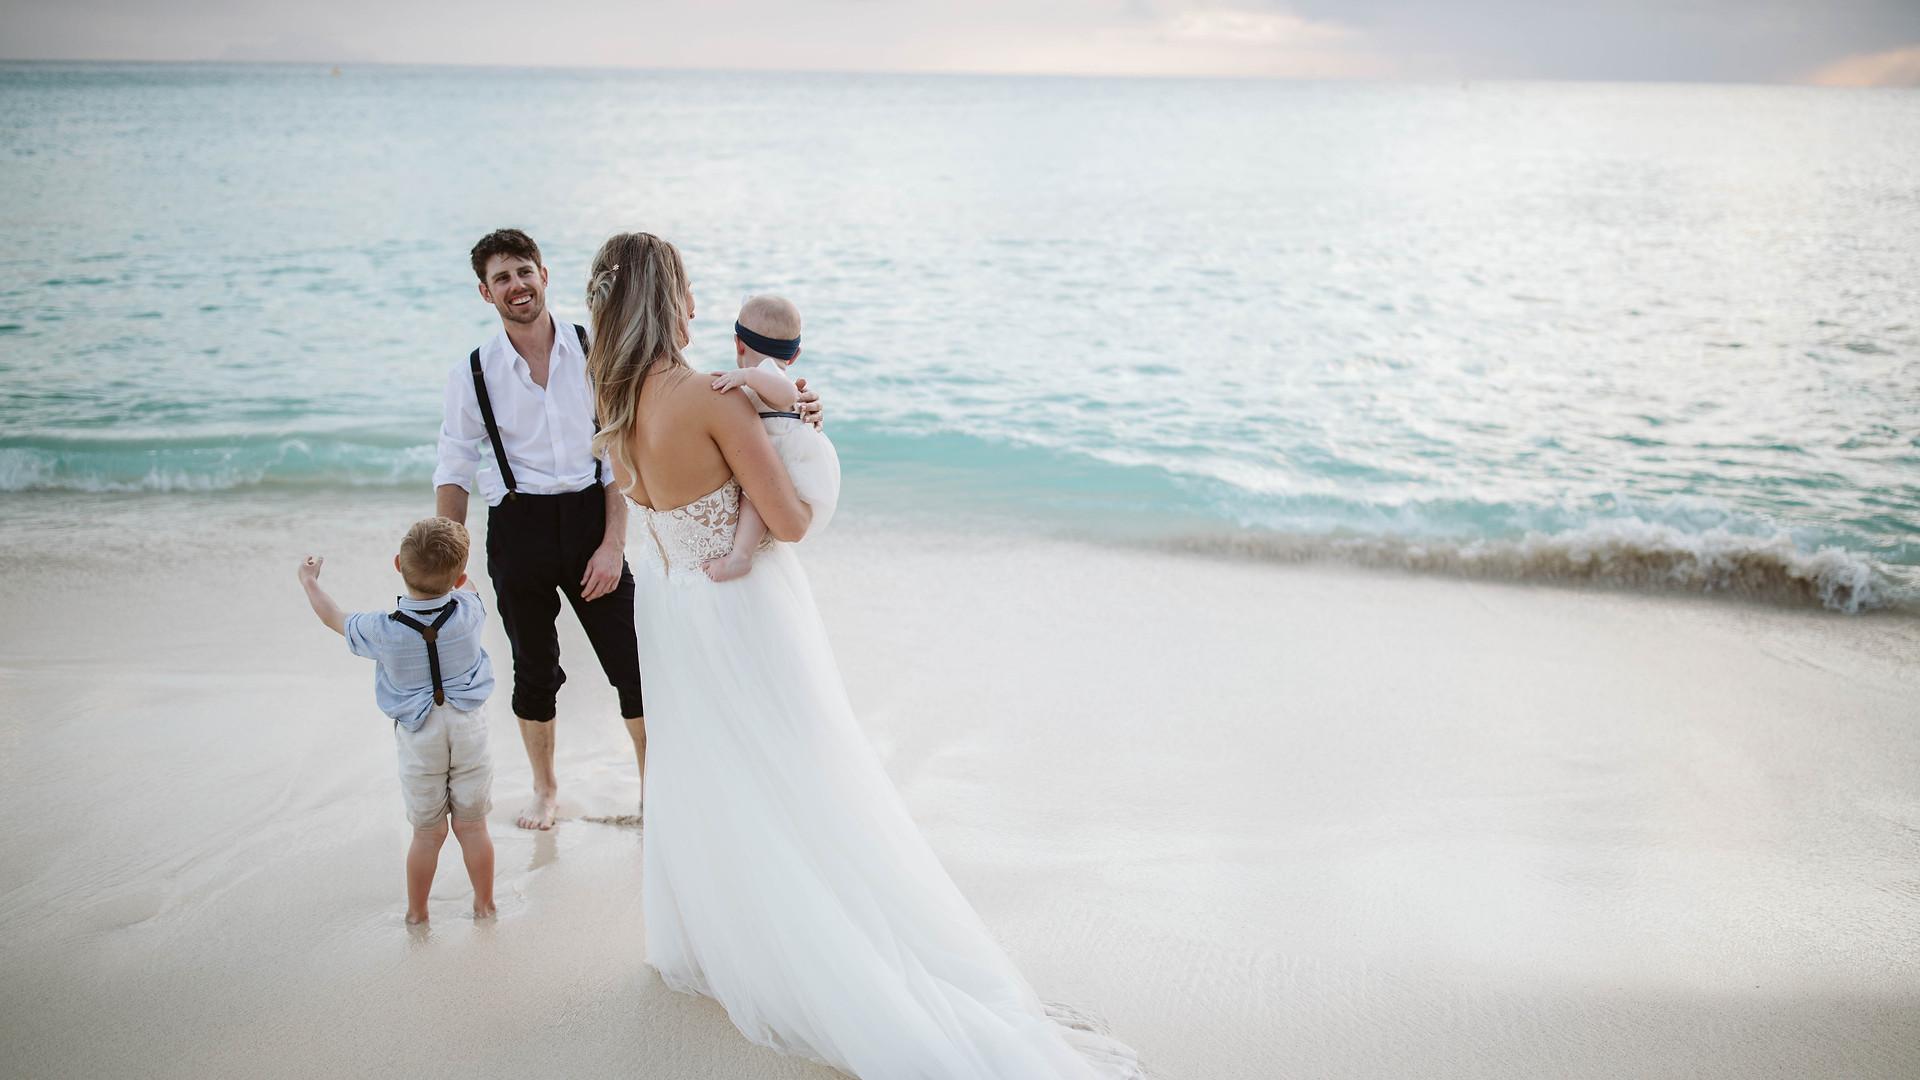 St. Maarten Family Wedding